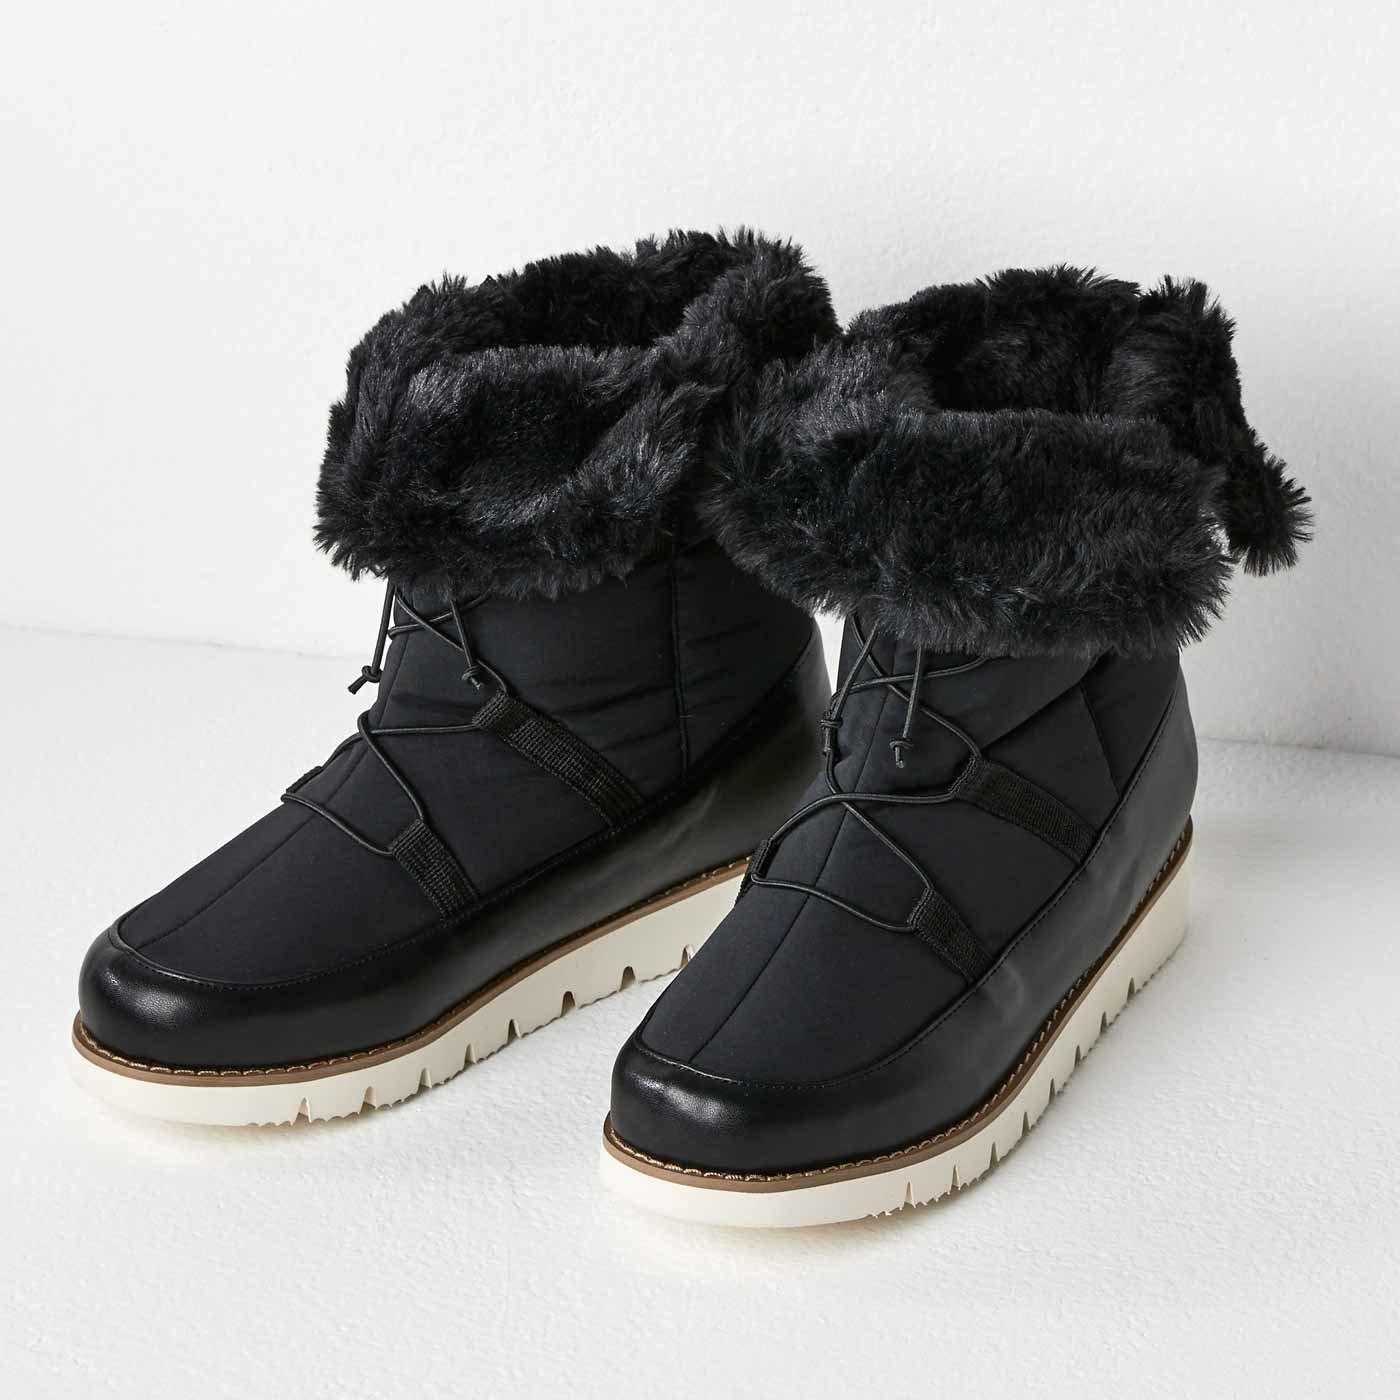 IEDIT[イディット] 裏シャギー素材で暖か 軽やかショート丈ブーツ〈ブラック〉